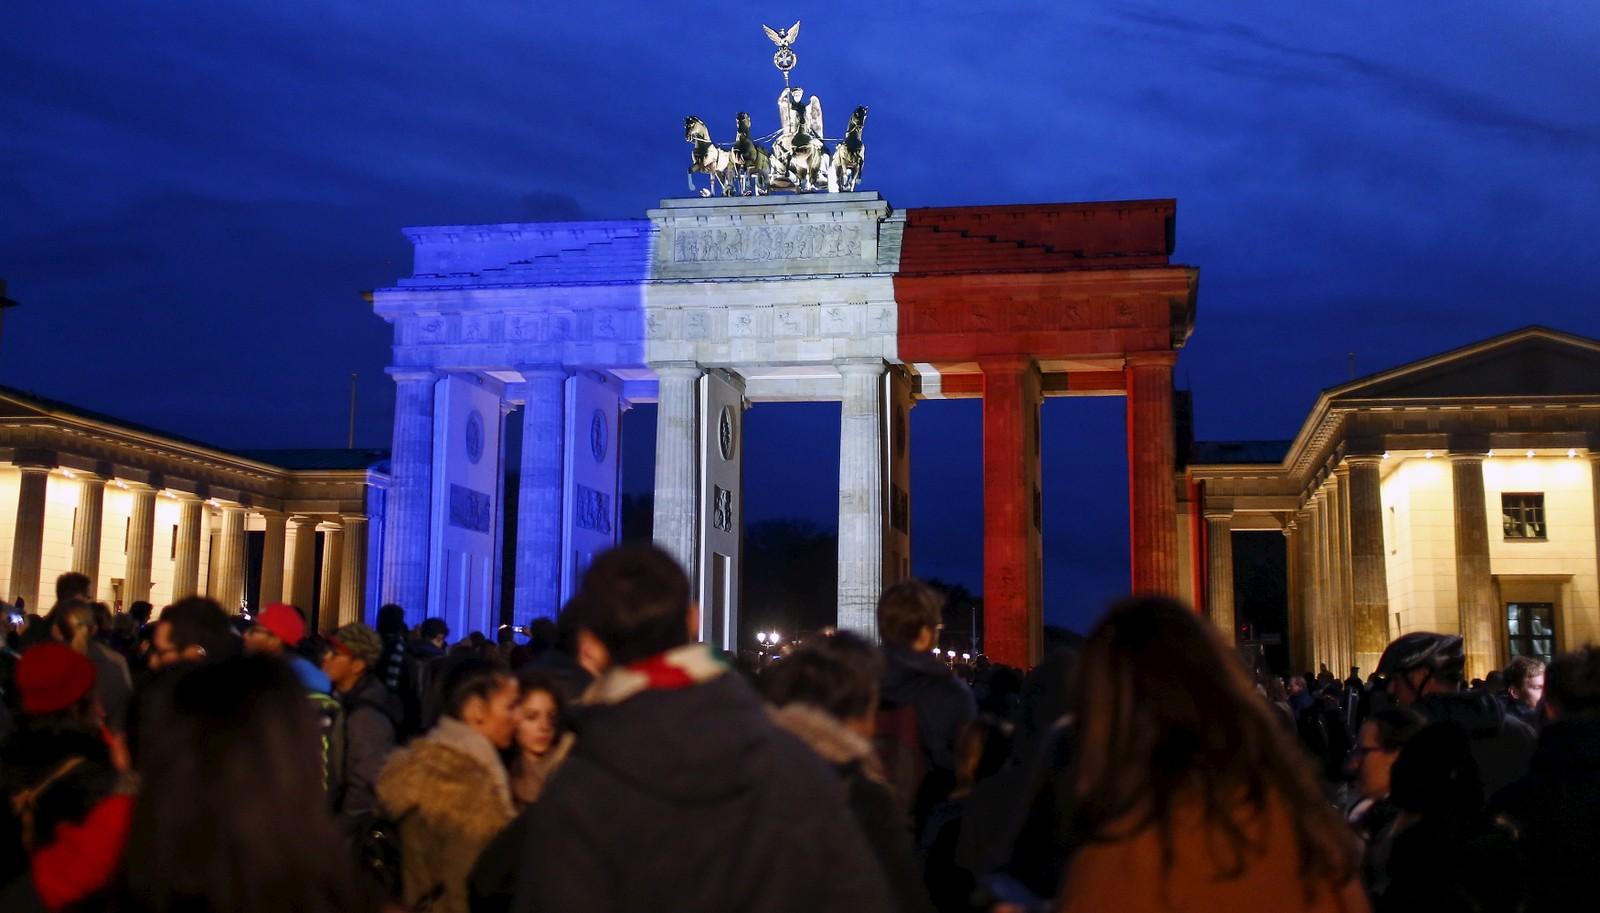 Mennesker strømmet til byporten «Brandenburger Tor» i Berlin, Tyskland, etter terroren i Paris. Byporten er lyst opp i blått, hvitt og rødt.